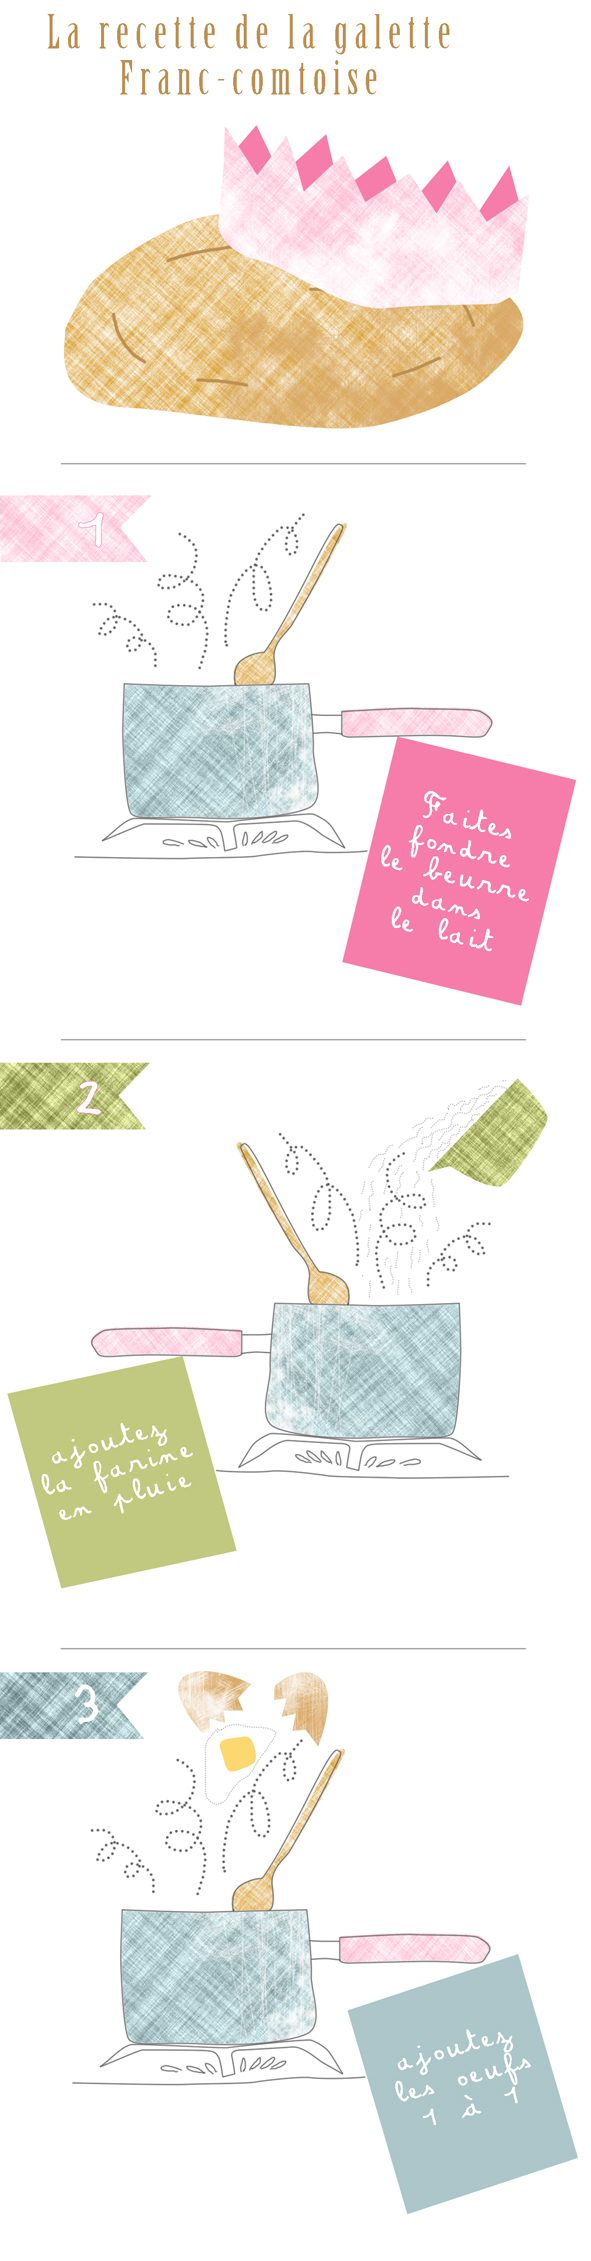 recette illustrée galette franc-comtoise